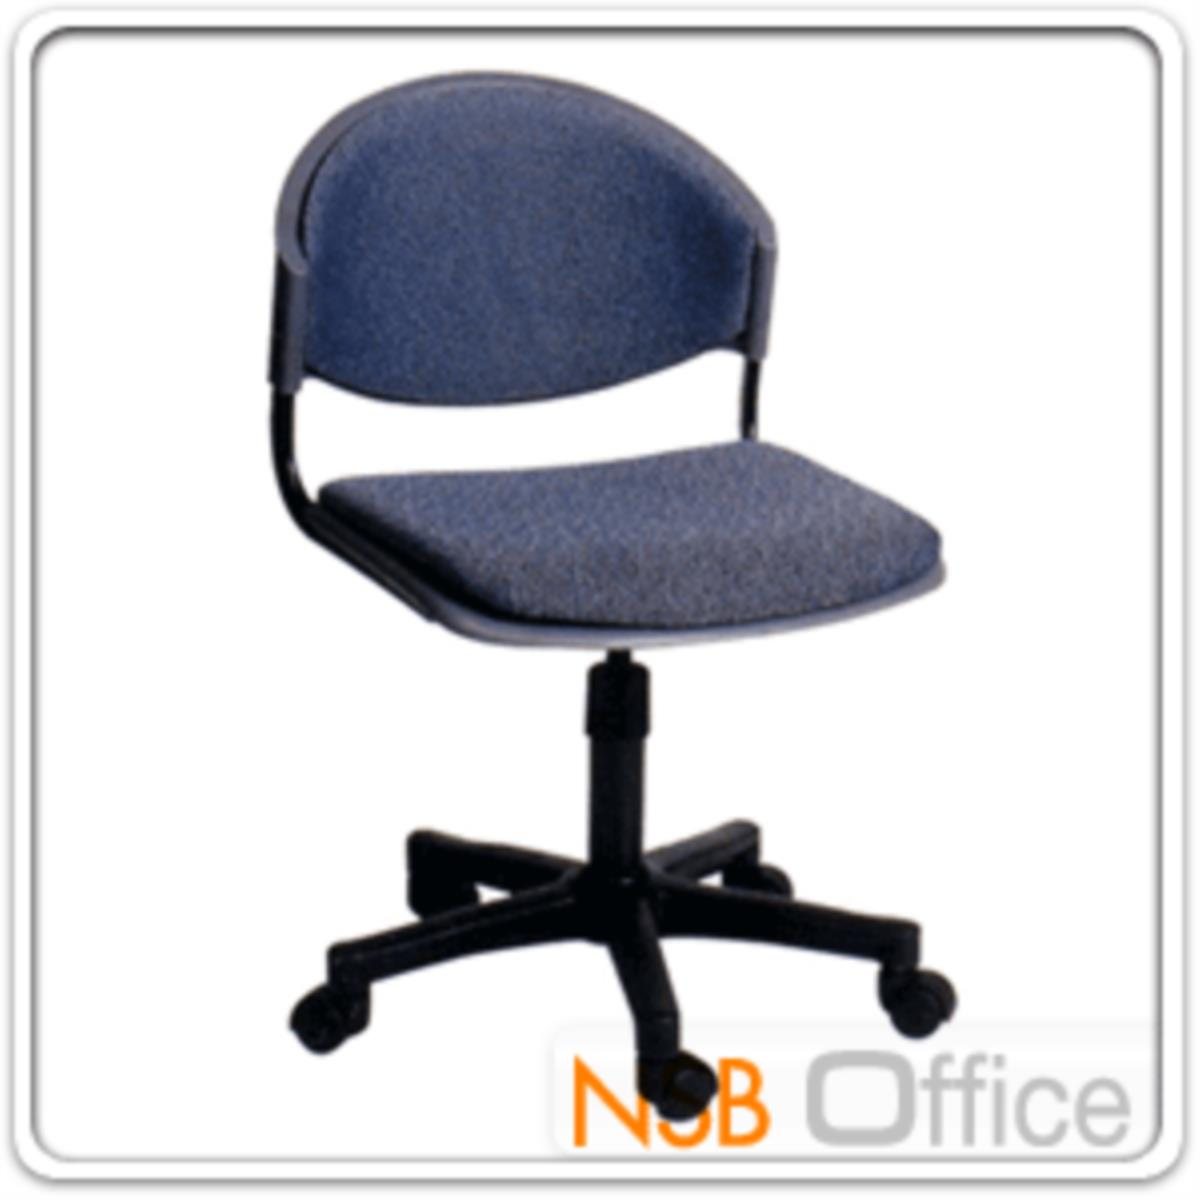 เก้าอี้สำนักงานโพลี่ รุ่น Pulsa (พอลซ่า)  ขาพลาสติก